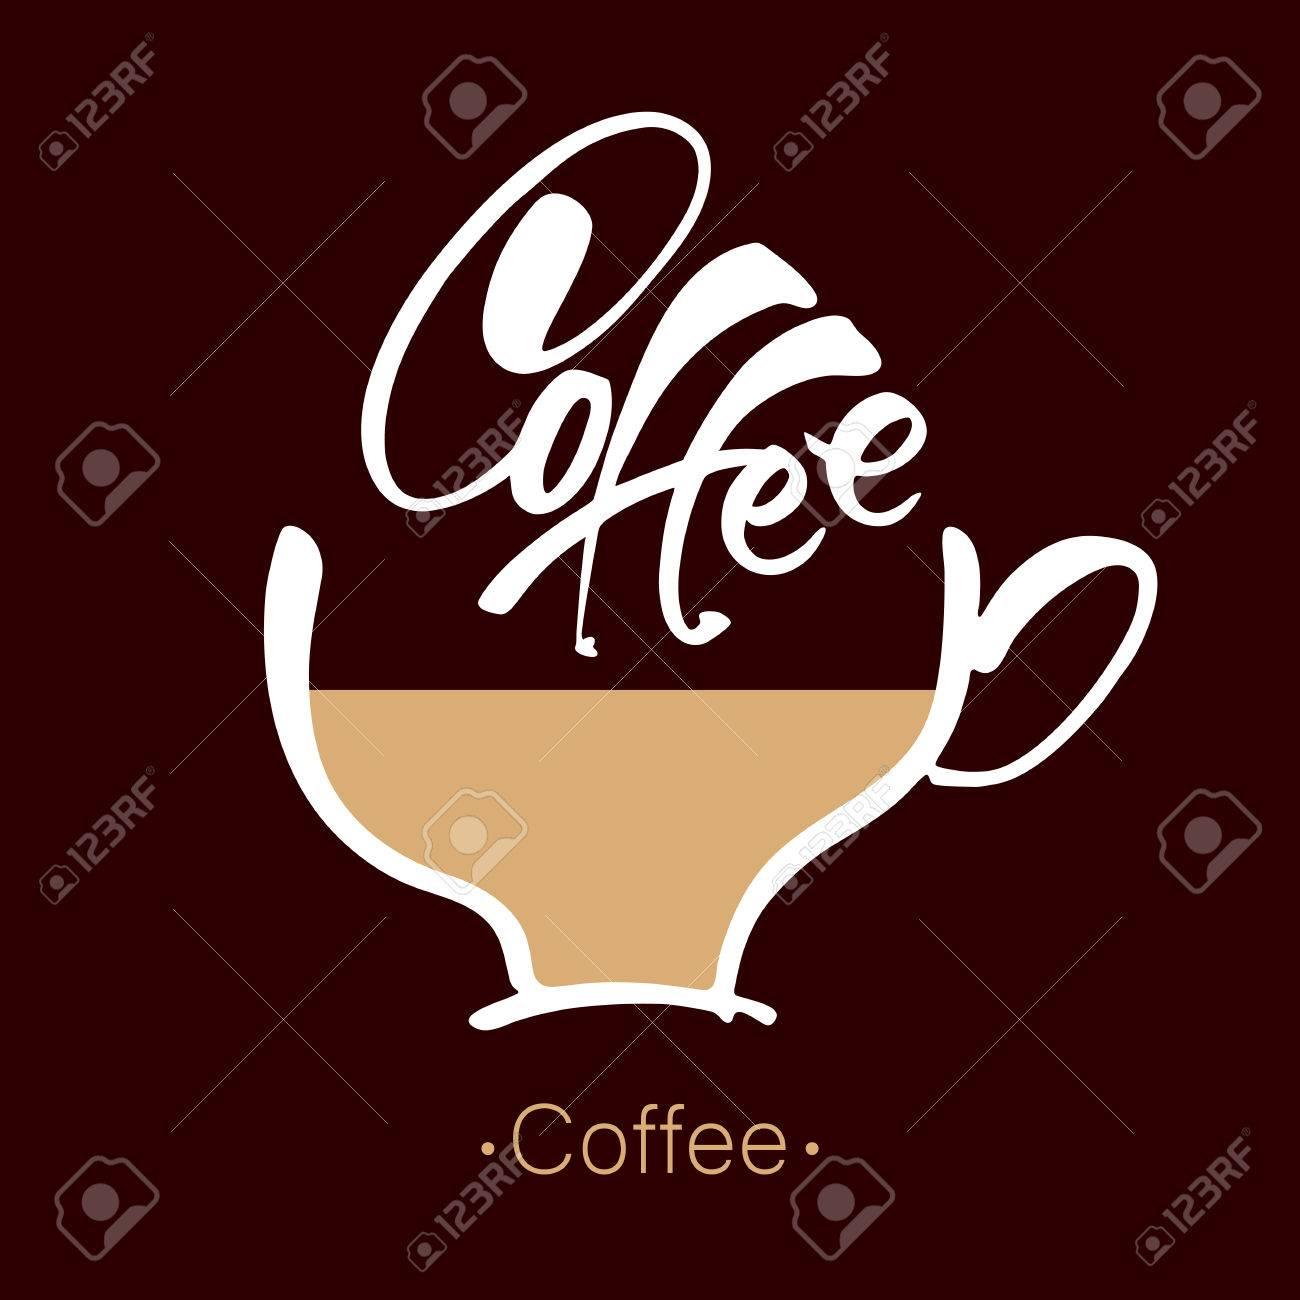 Kaffee. Beschriftung. Kaffeetasse Und Handschriftliche Inschrift ...